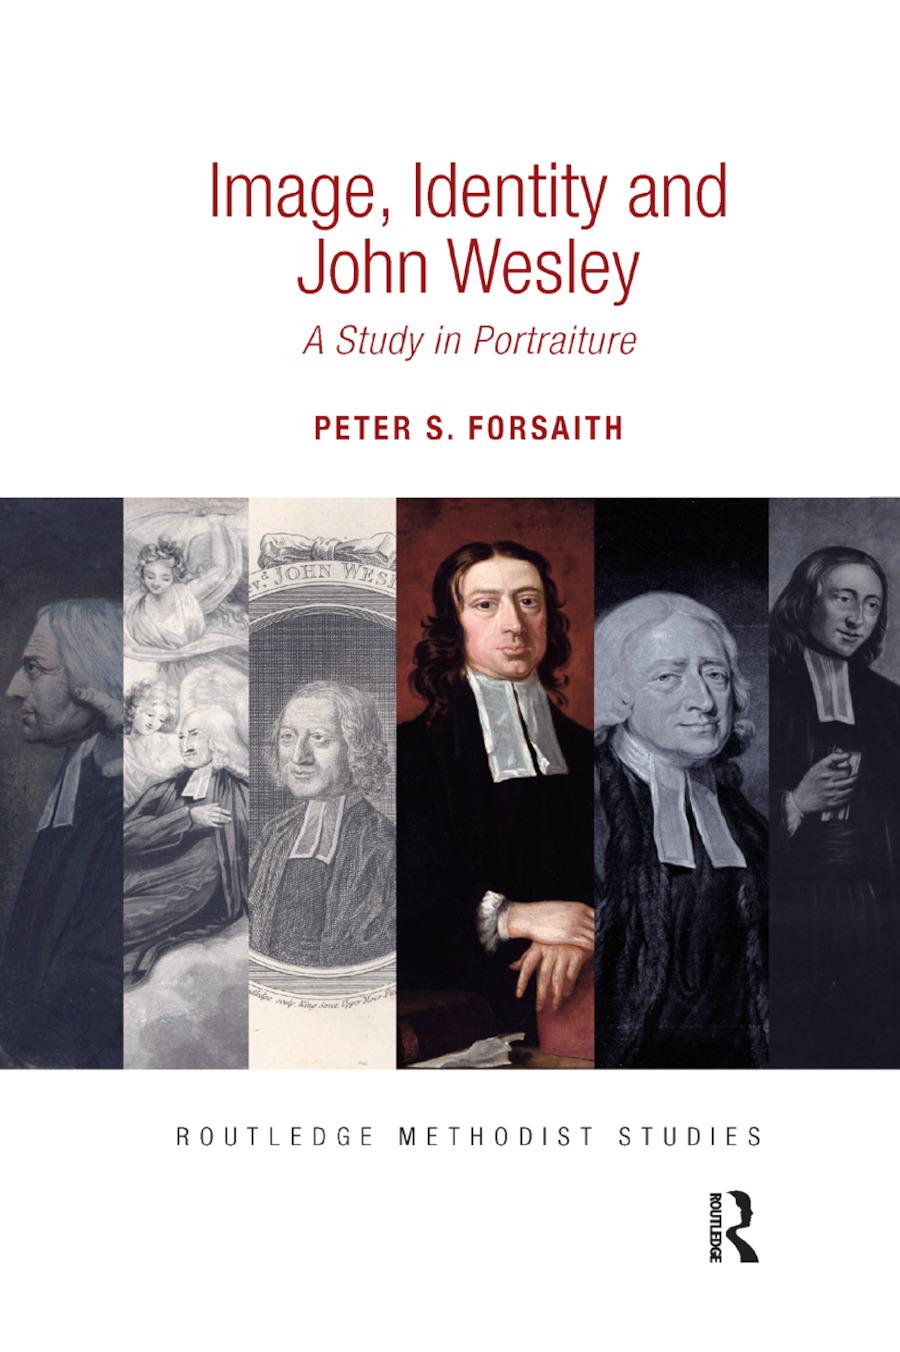 Image, Identity and John Wesley